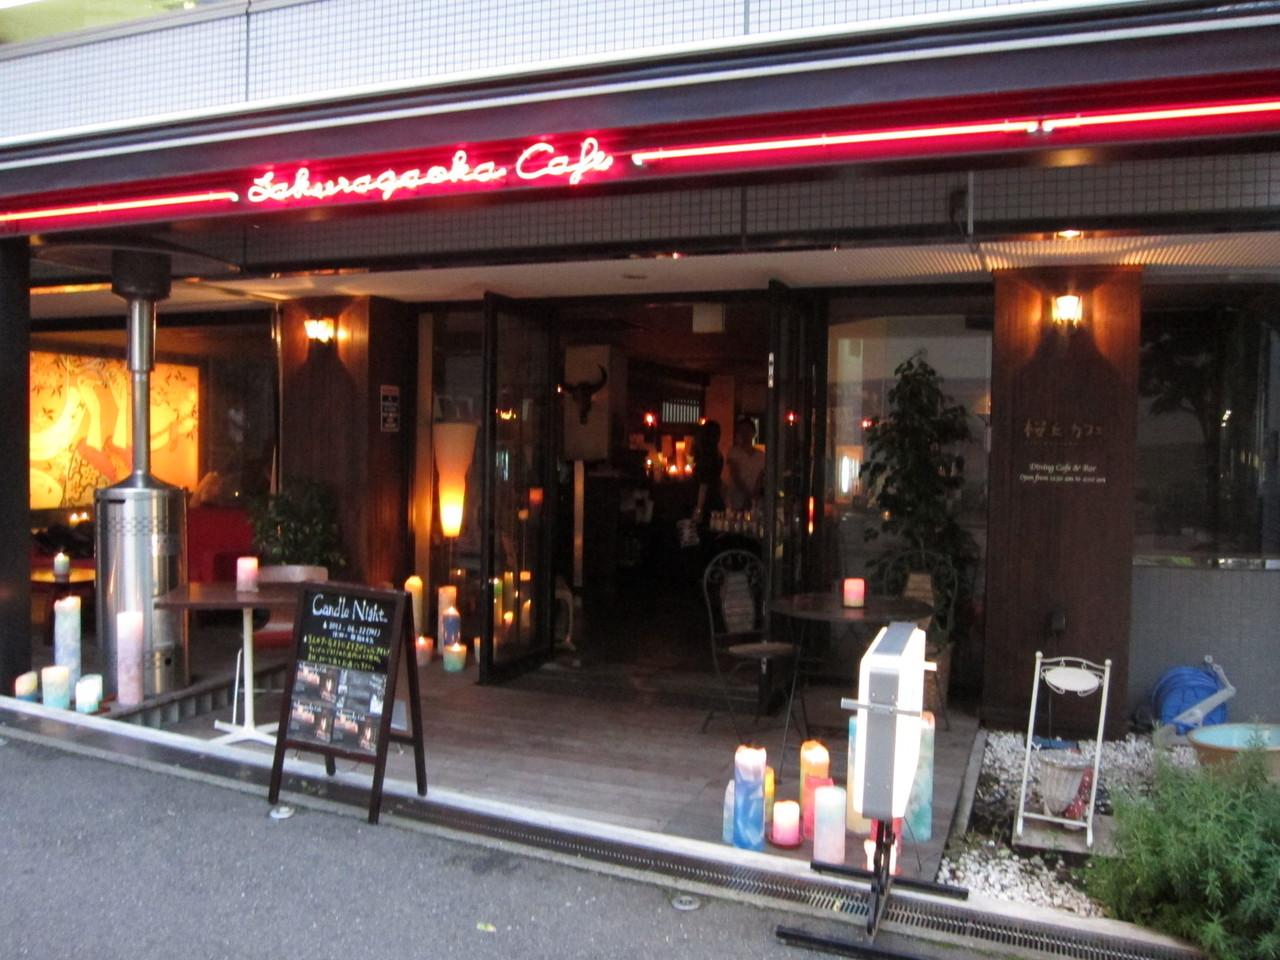 EVENT:Candle decoration at Sakuragaoka cafe